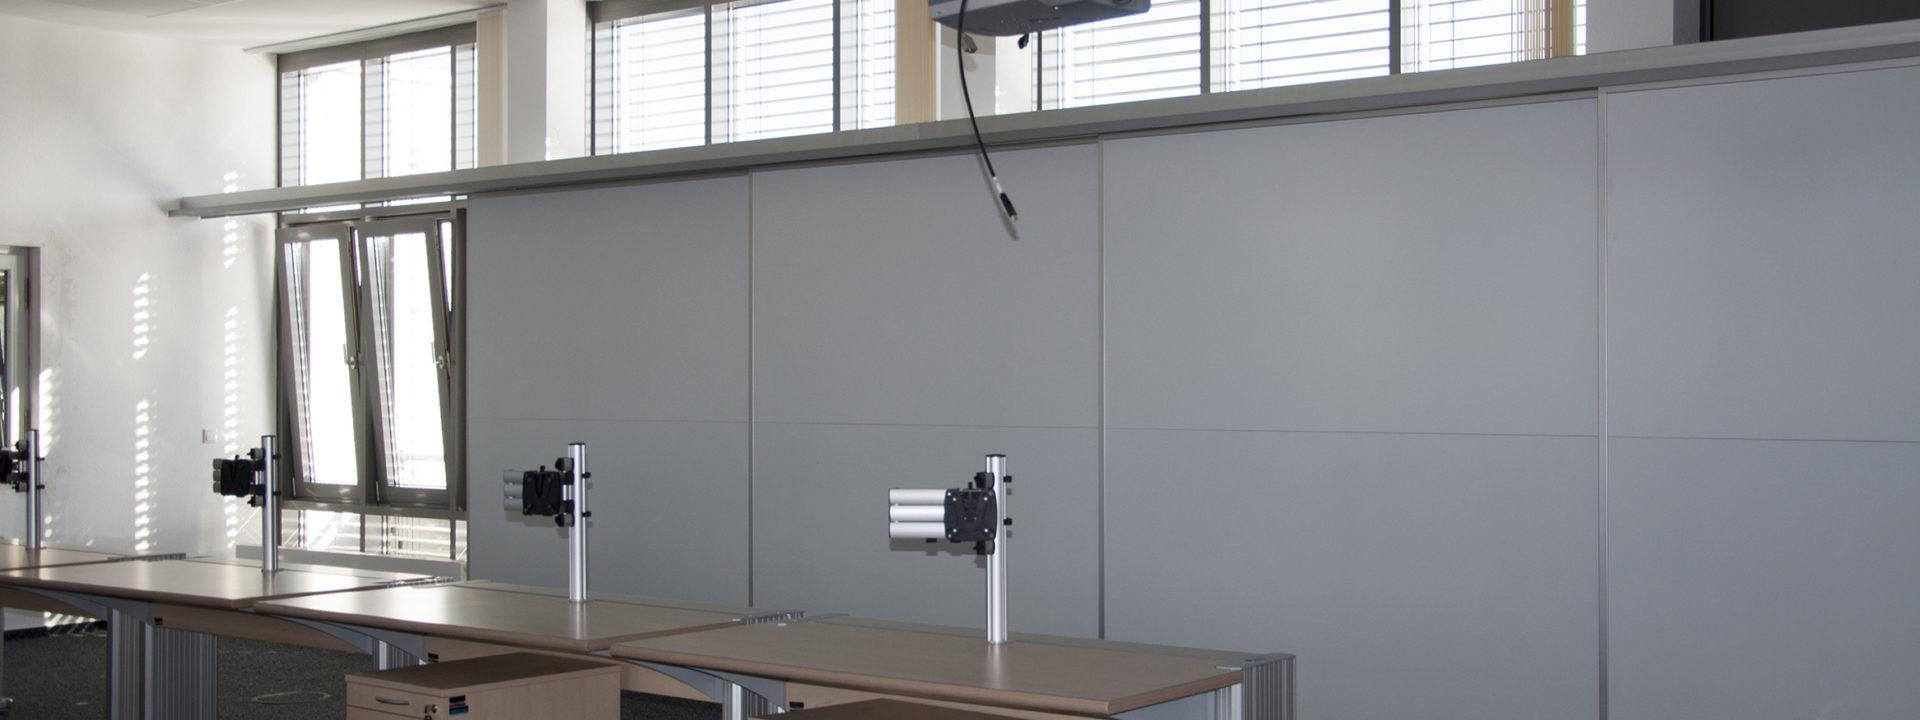 Schiebetafel-Anlage BBK Bonn